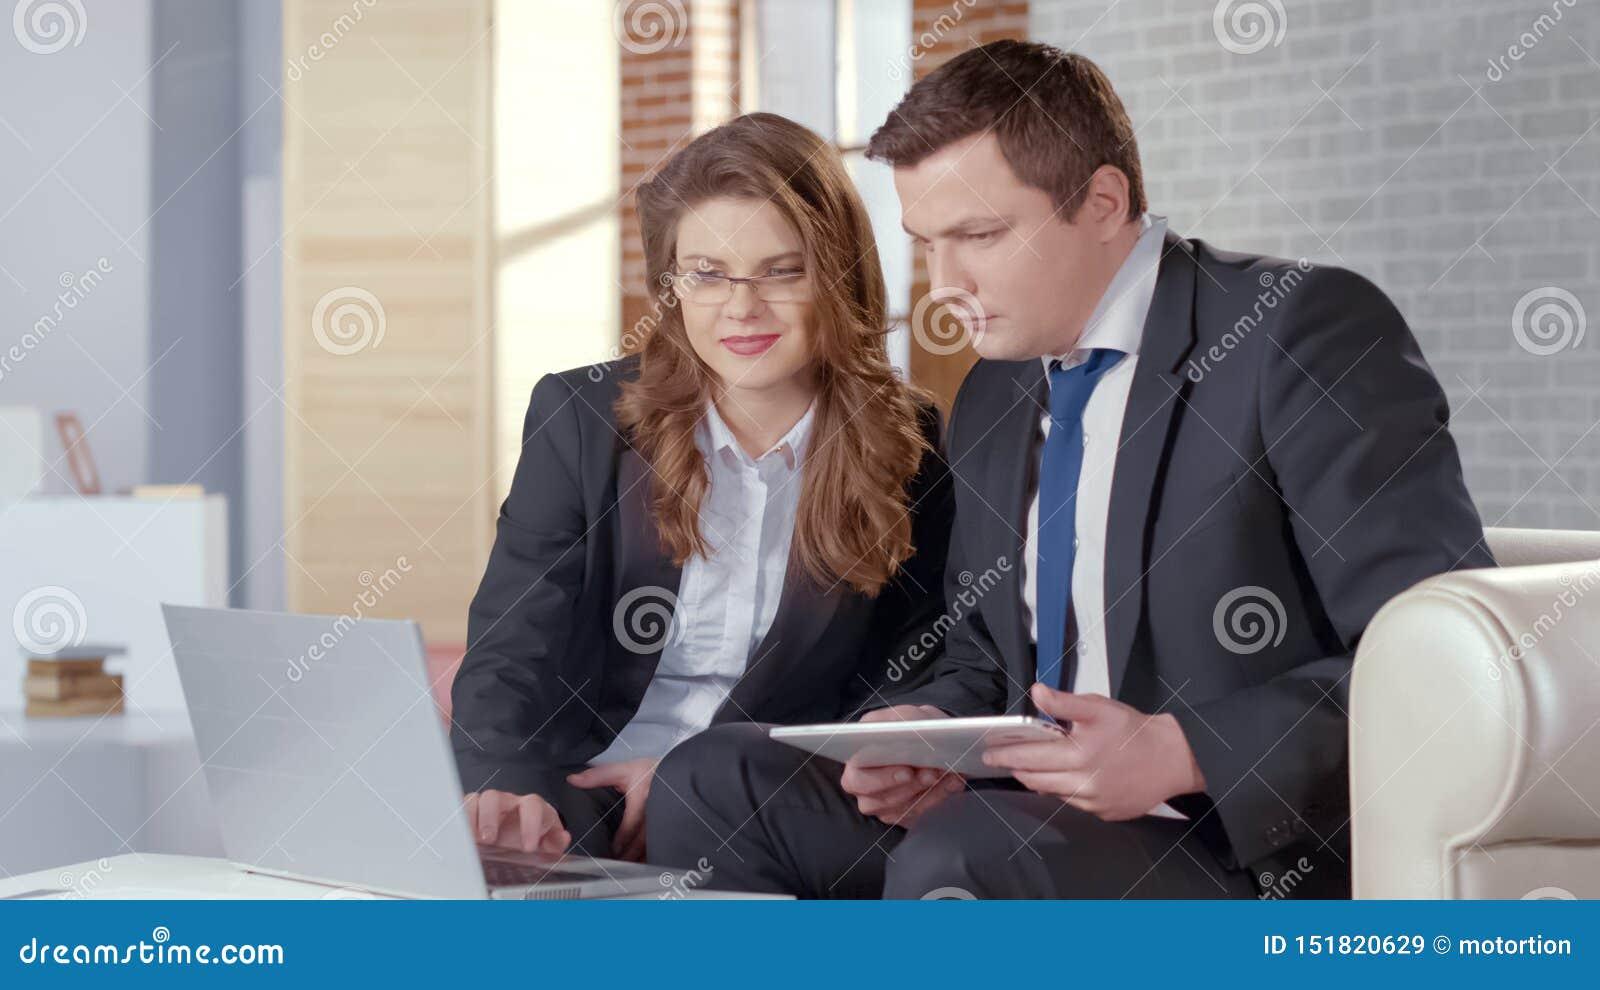 Η επιχειρησιακά κυρία και το άτομο που ελέγχουν την παρουσίαση στο lap-top, συνεργάζονται στην επιχείρηση